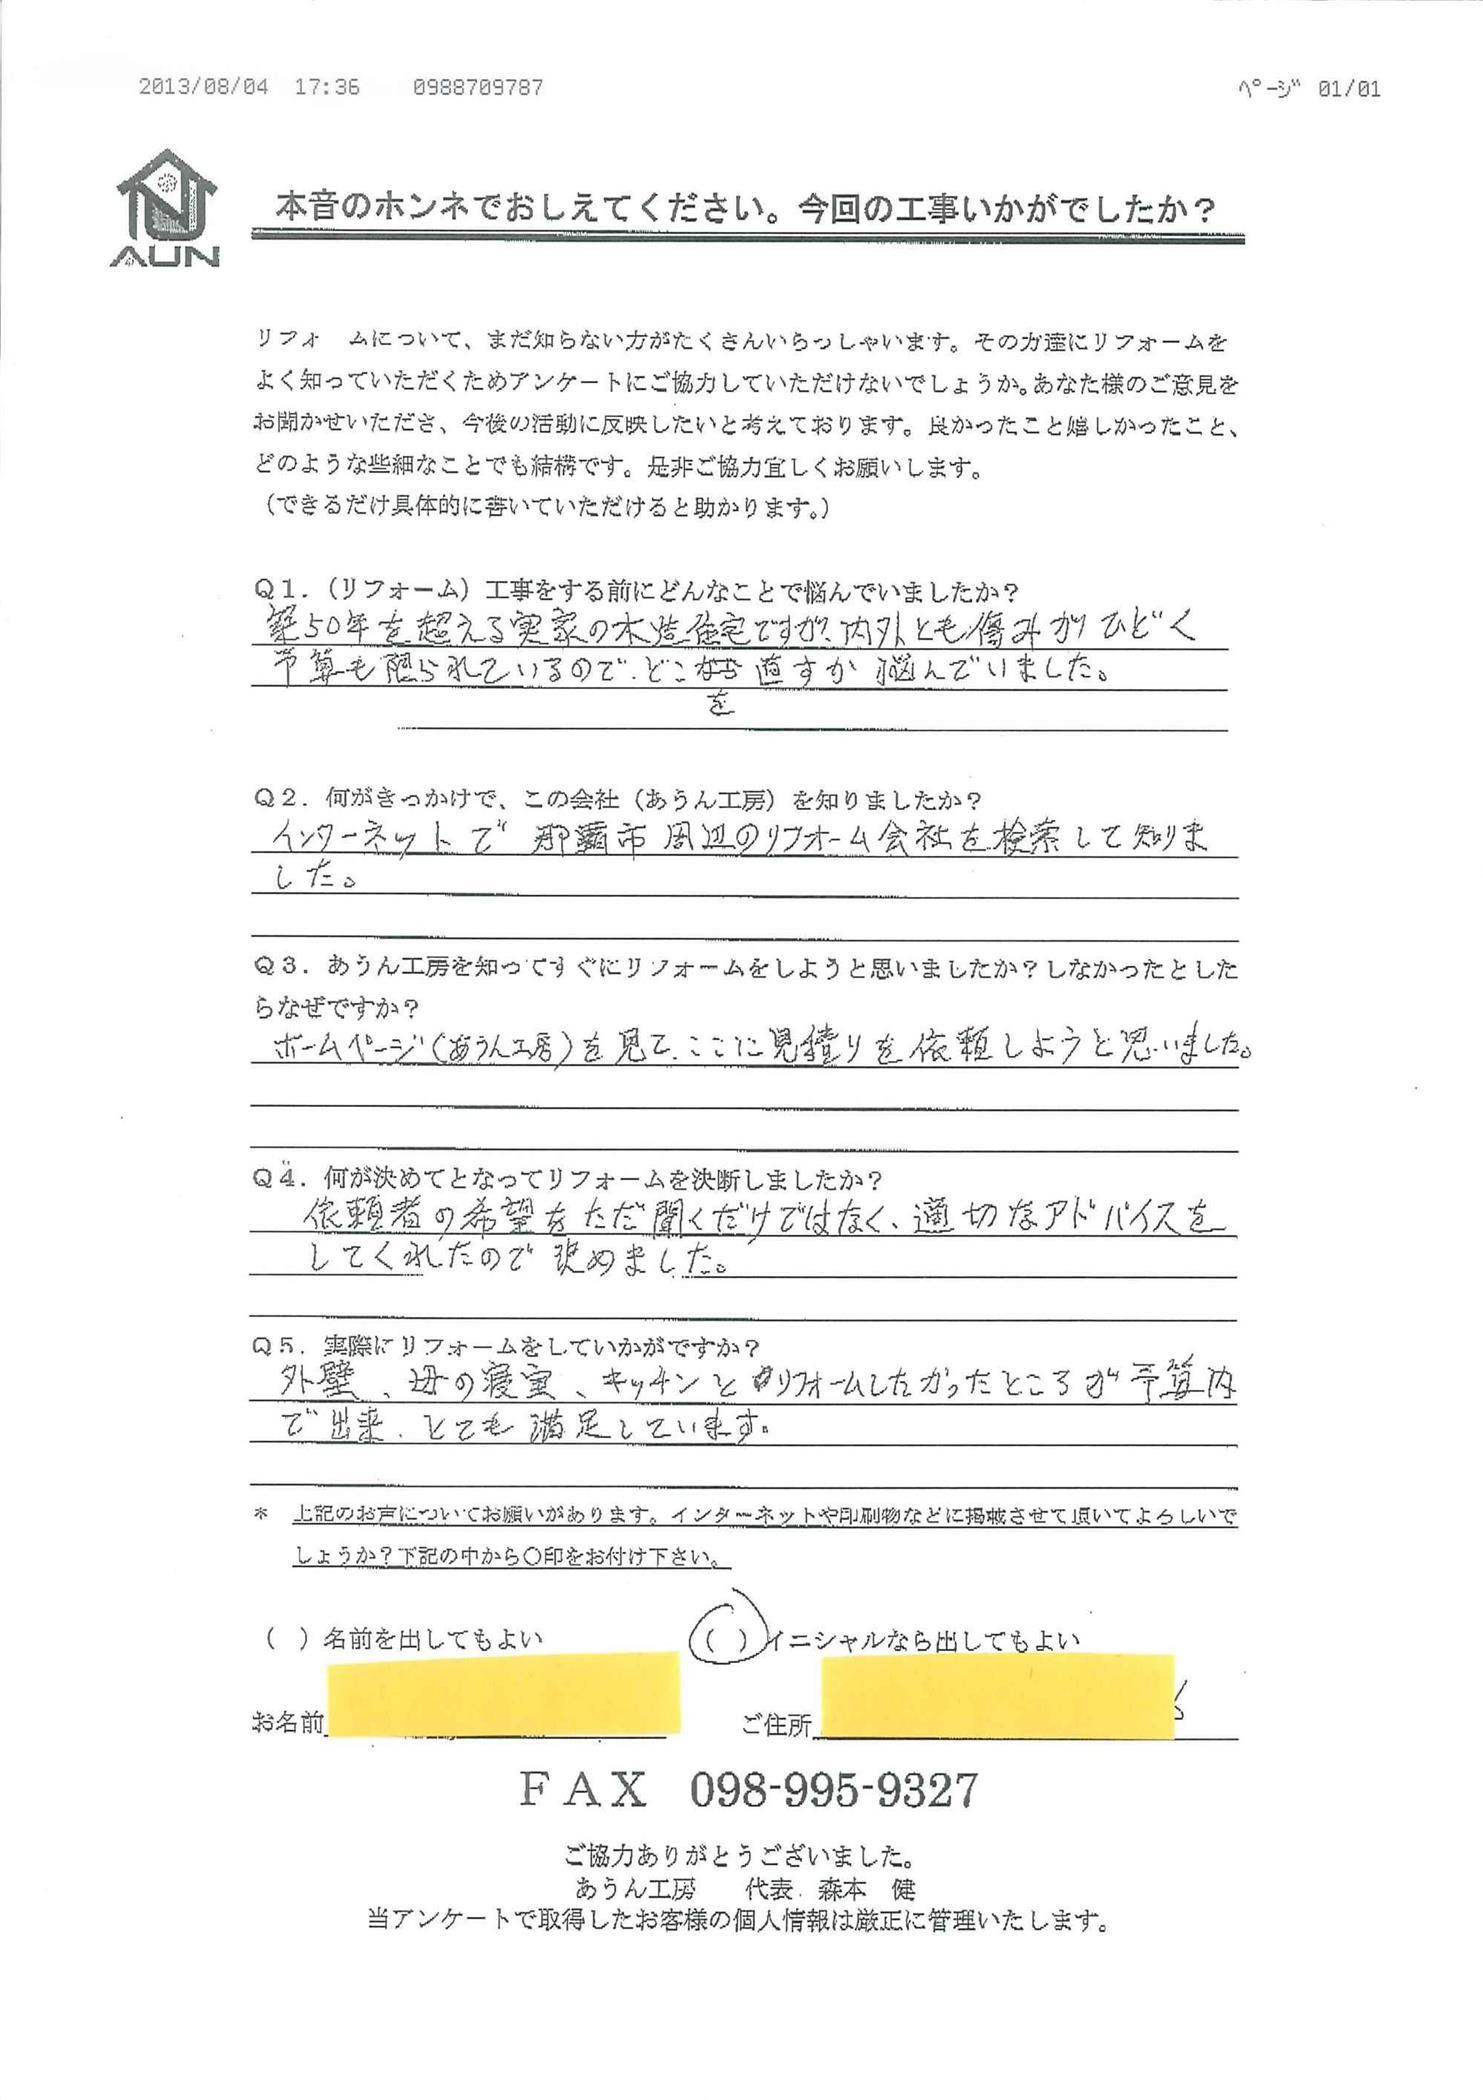 沖縄・那覇のリフォーム 実際のアンケートの画像:ホ-ムぺ―ジ(あうん工房)を見て、ここに見積りを依頼しようと思いました。